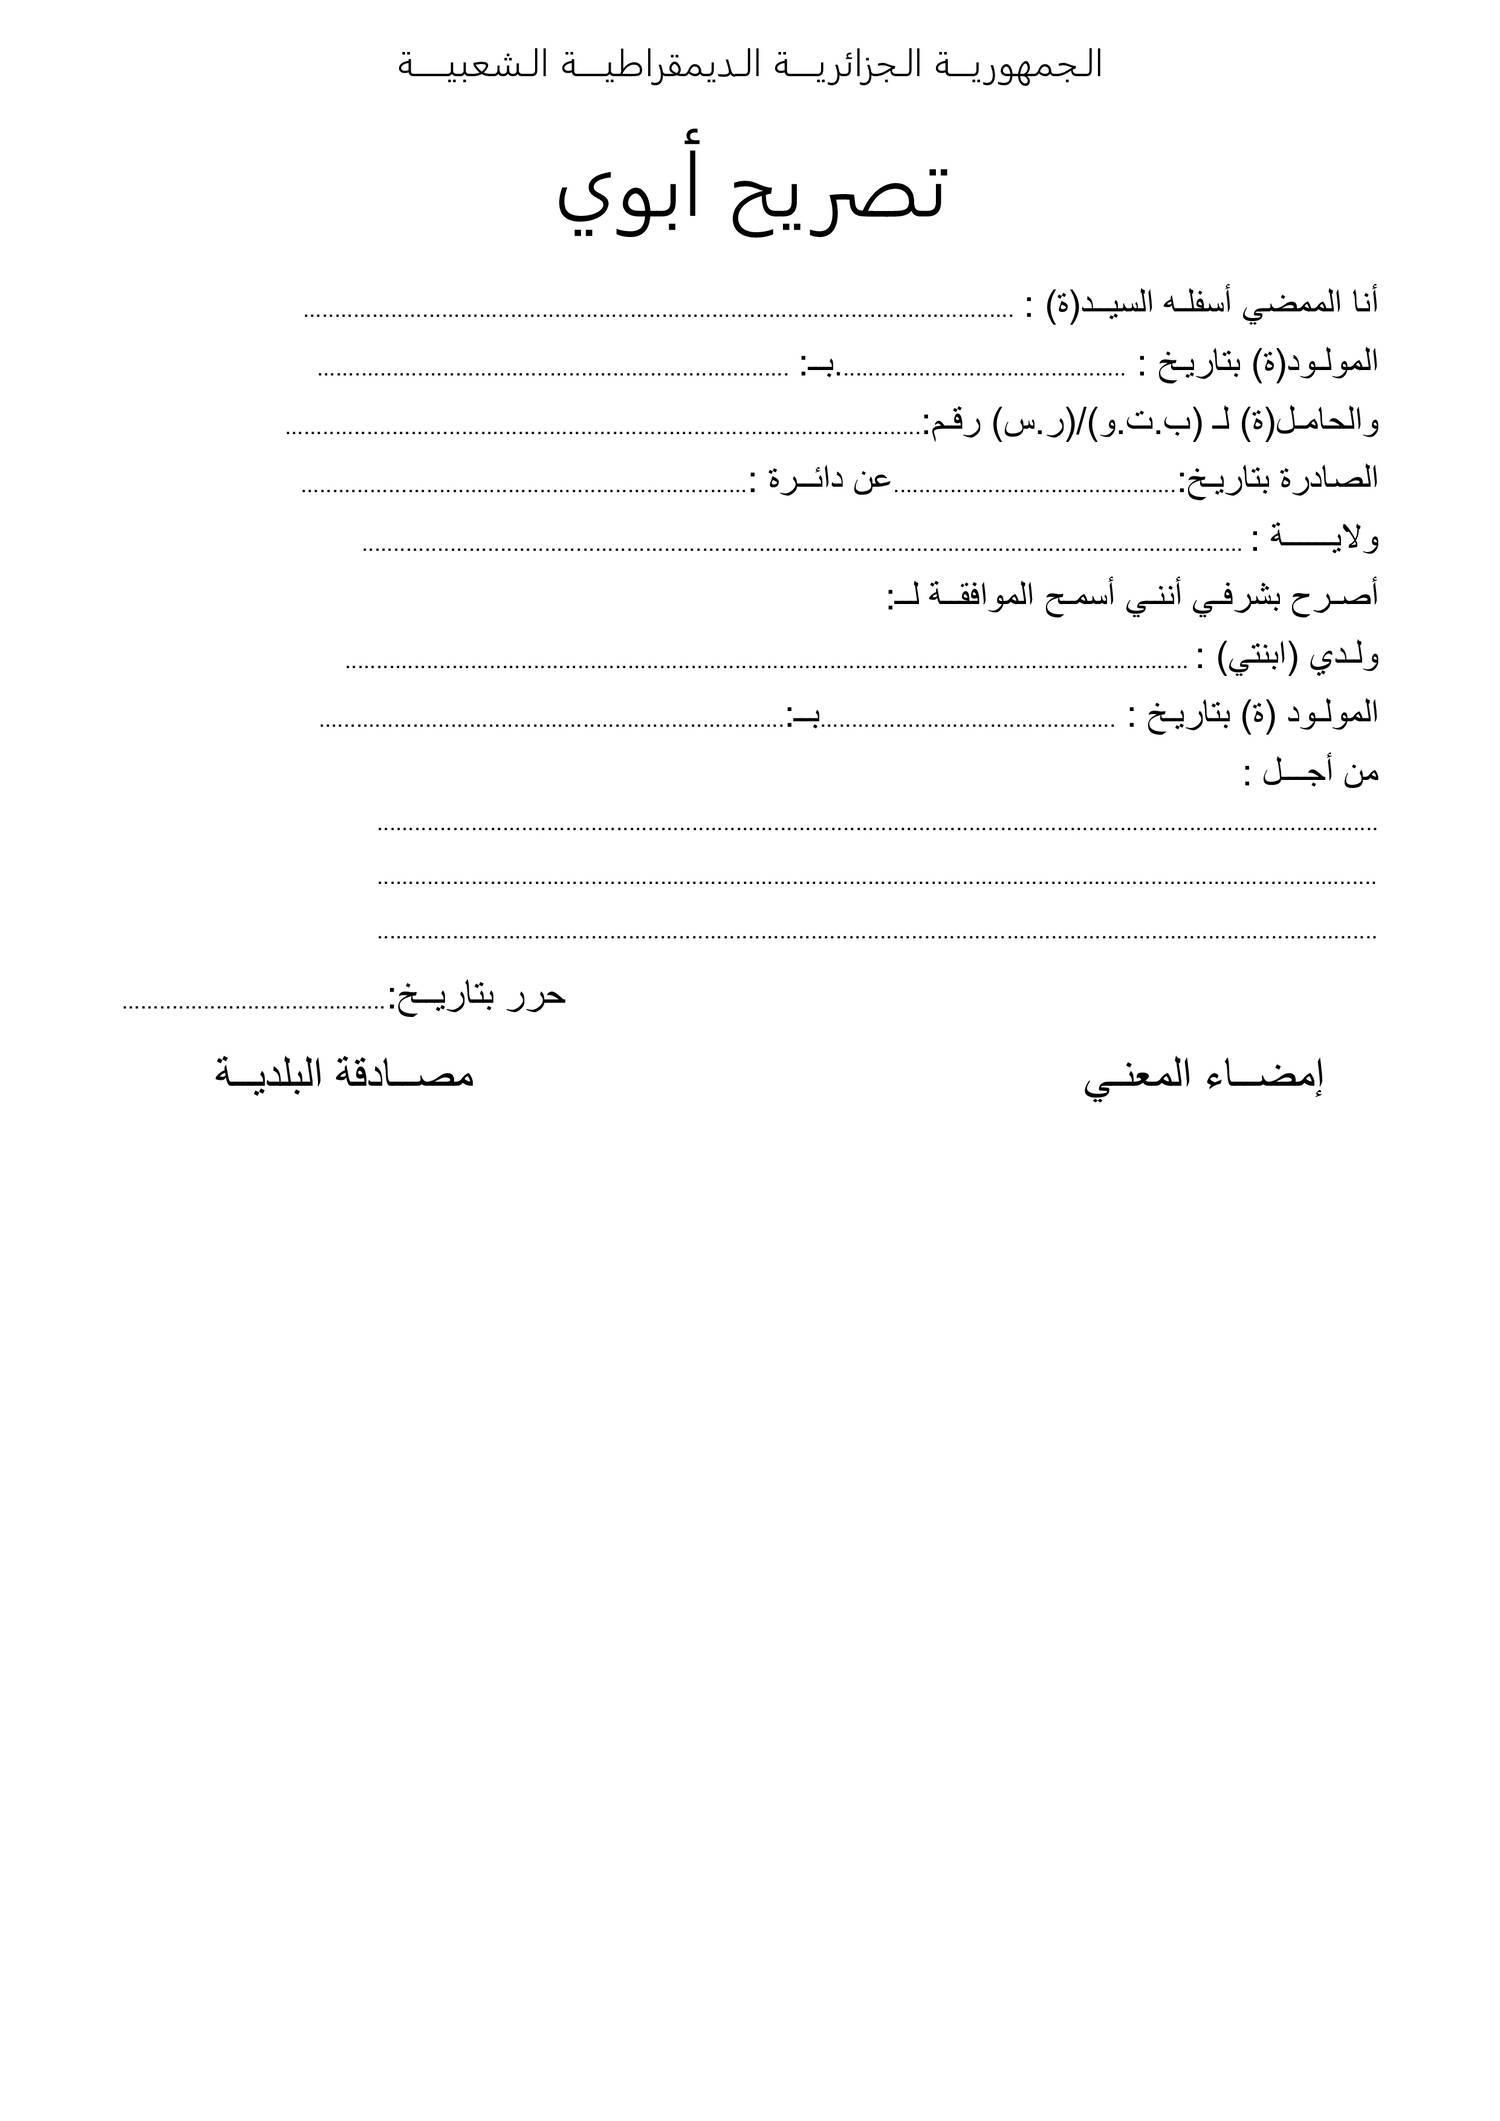 نماذج الوثائق الادارية في الجزائر Doc Docdroid